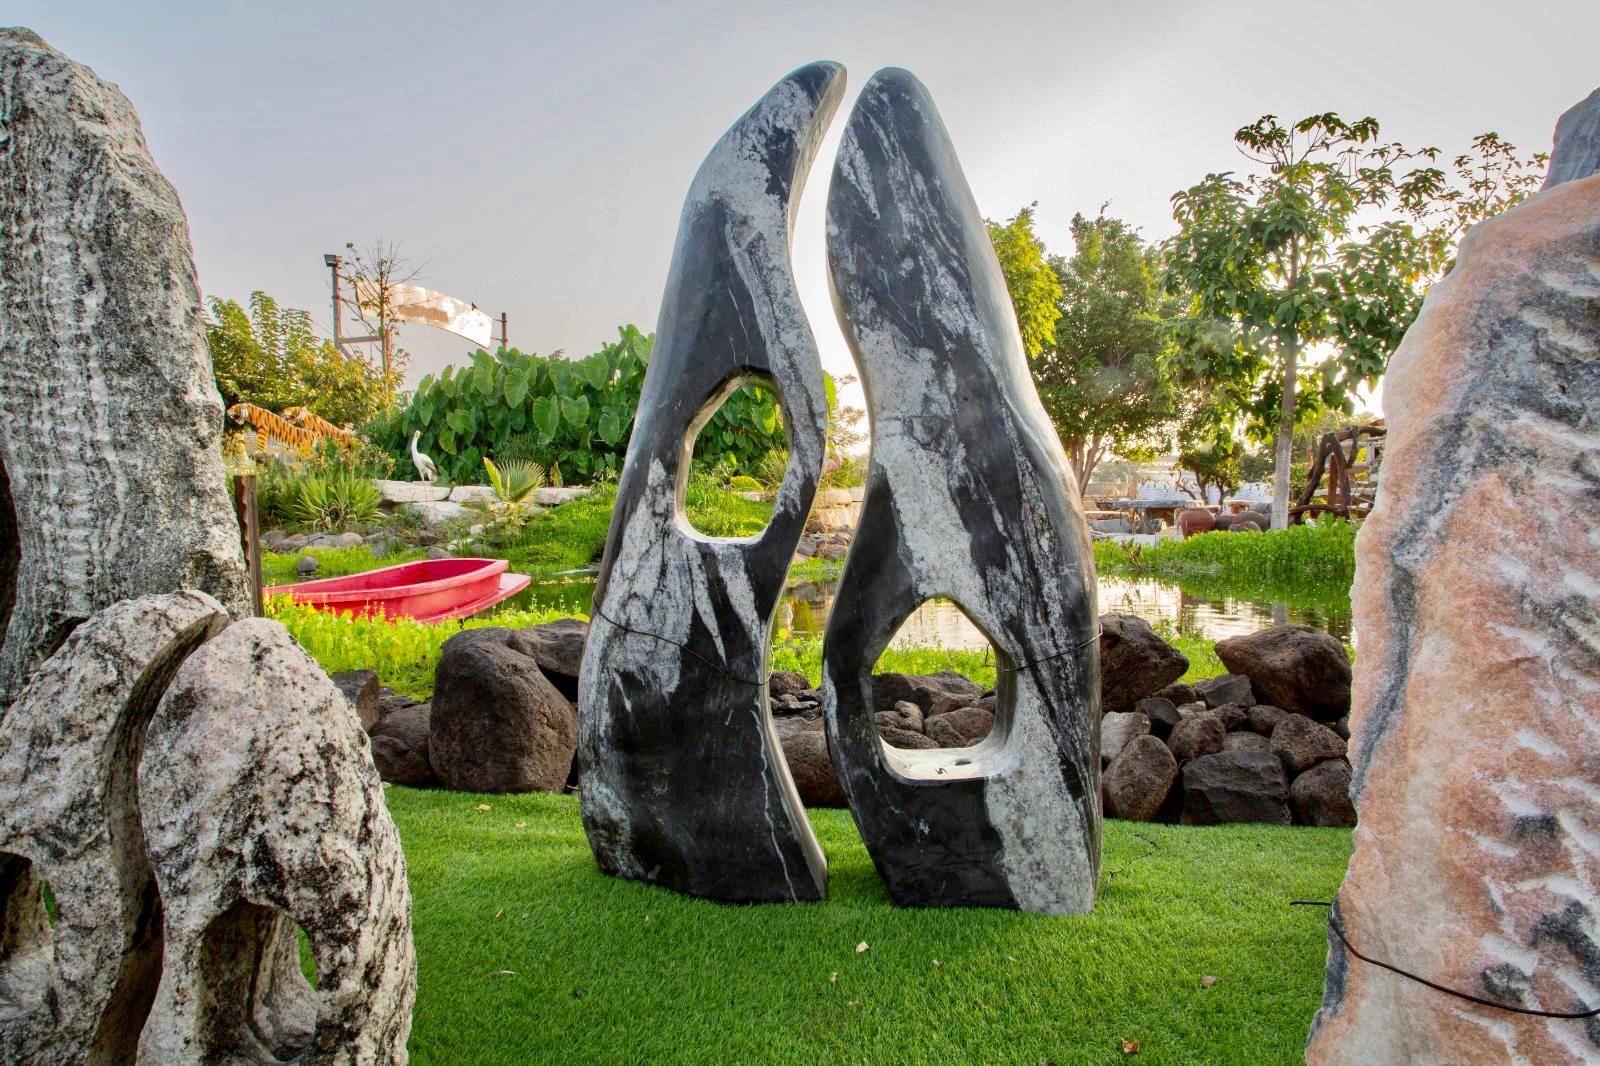 עיצוב הקמת כיכר עיריה